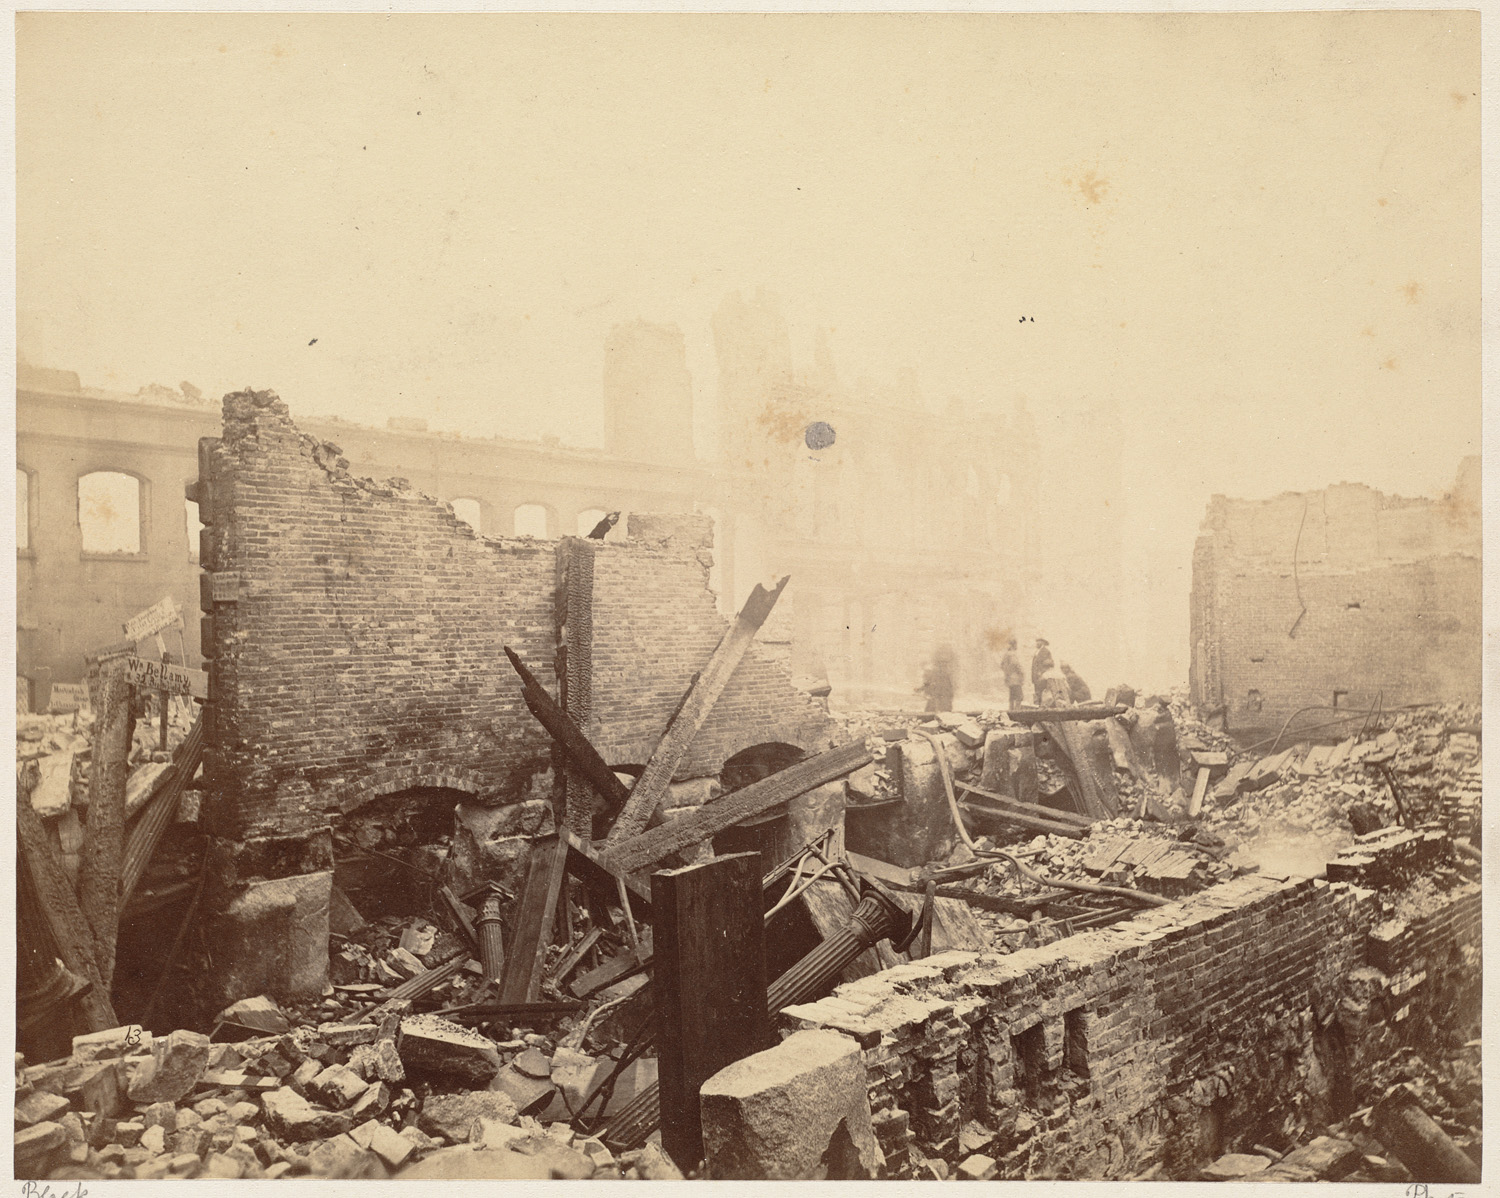 Великий пожар Бостона. 1872 год, США. Вашингтон Стрит